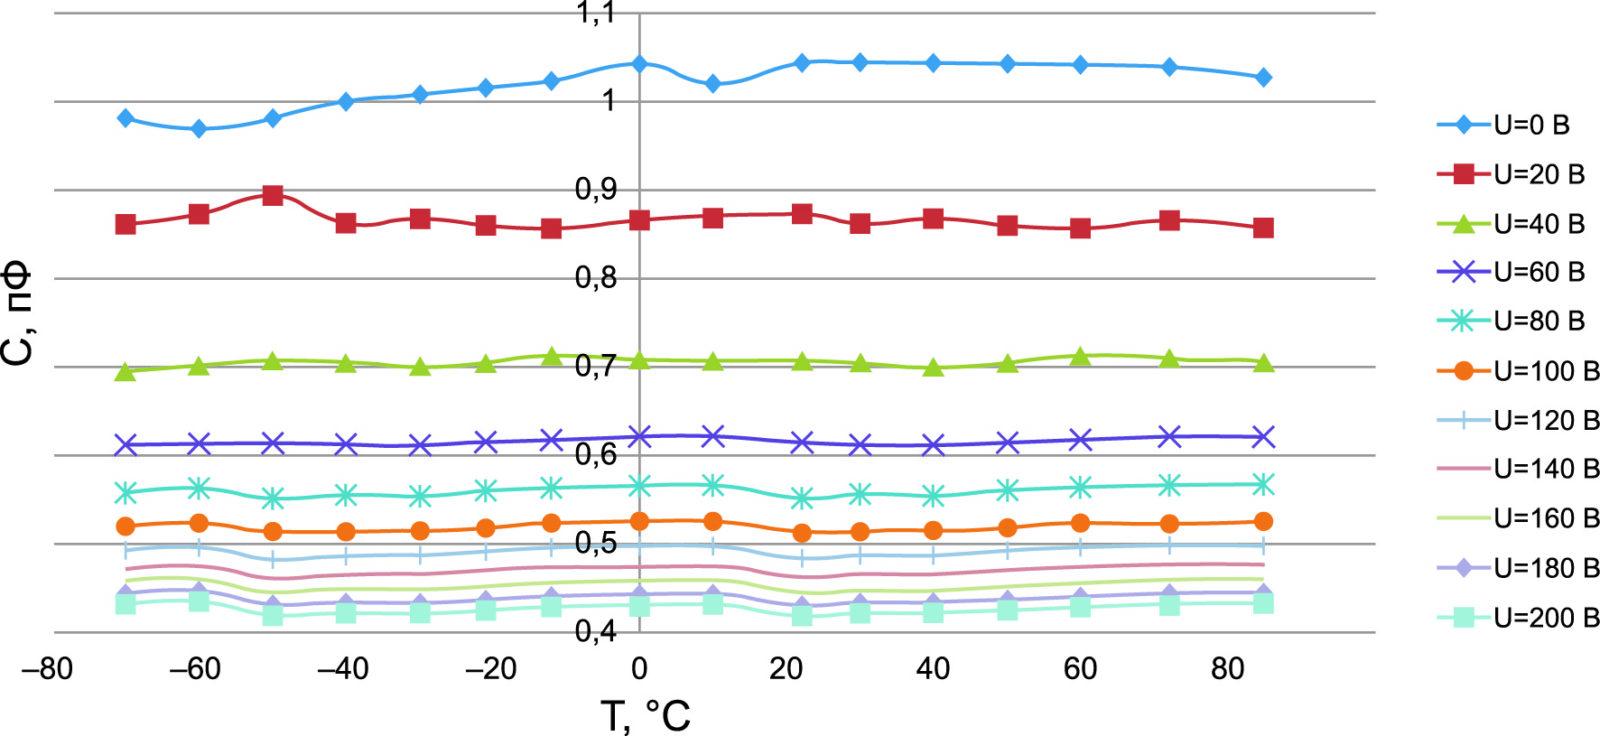 Зависимость емкости вариконда от температуры для различных значений управляющего напряжения